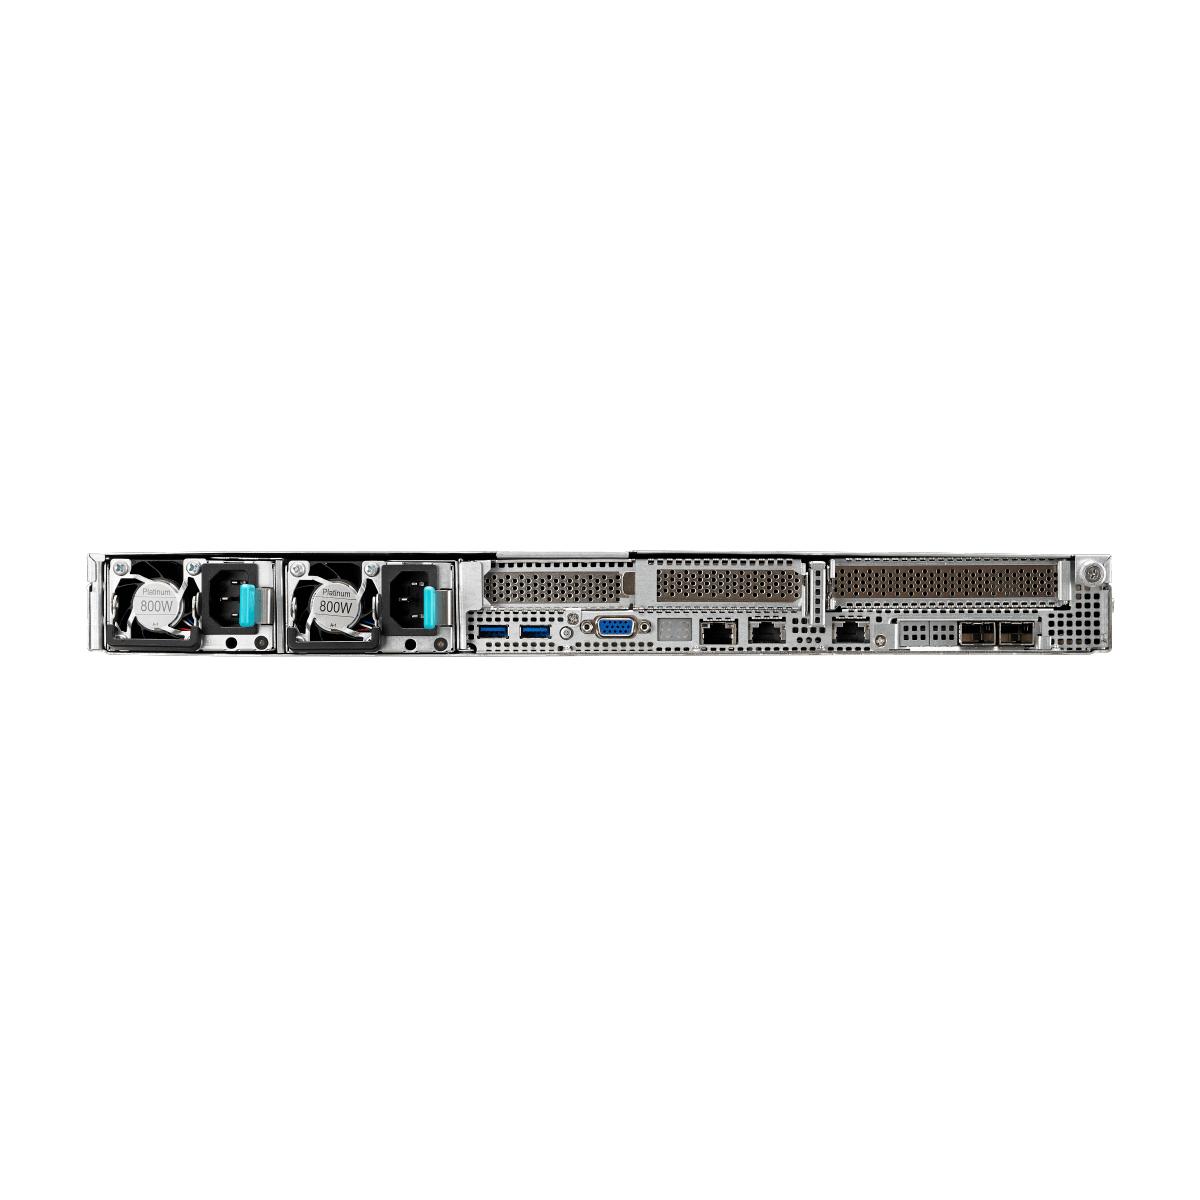 ASUS Server - RS700